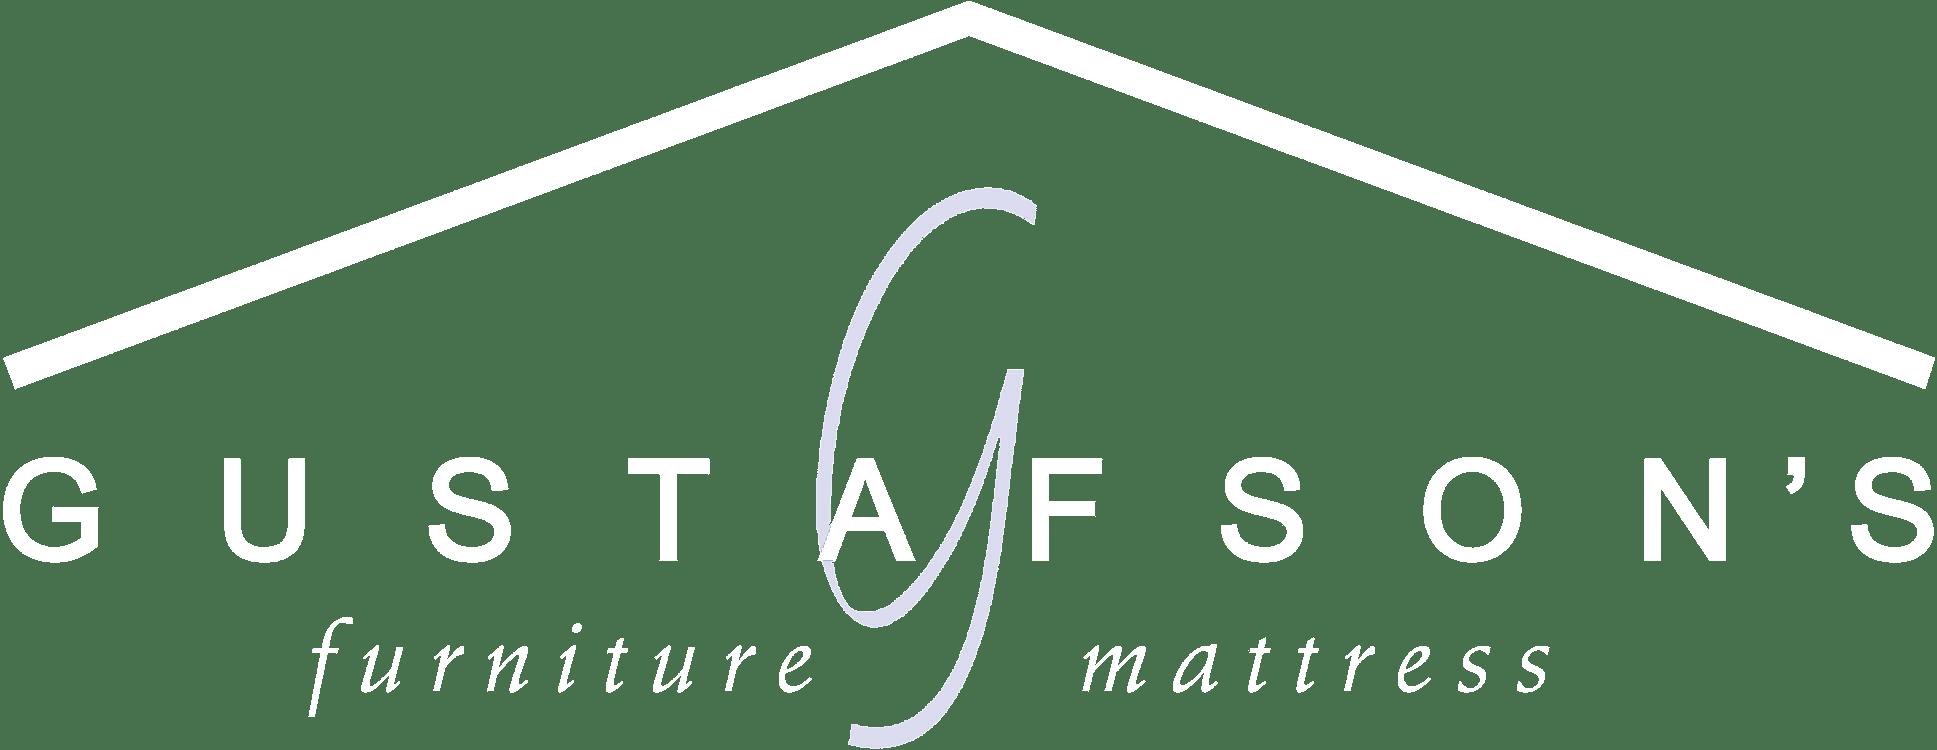 Gustafson S Furniture